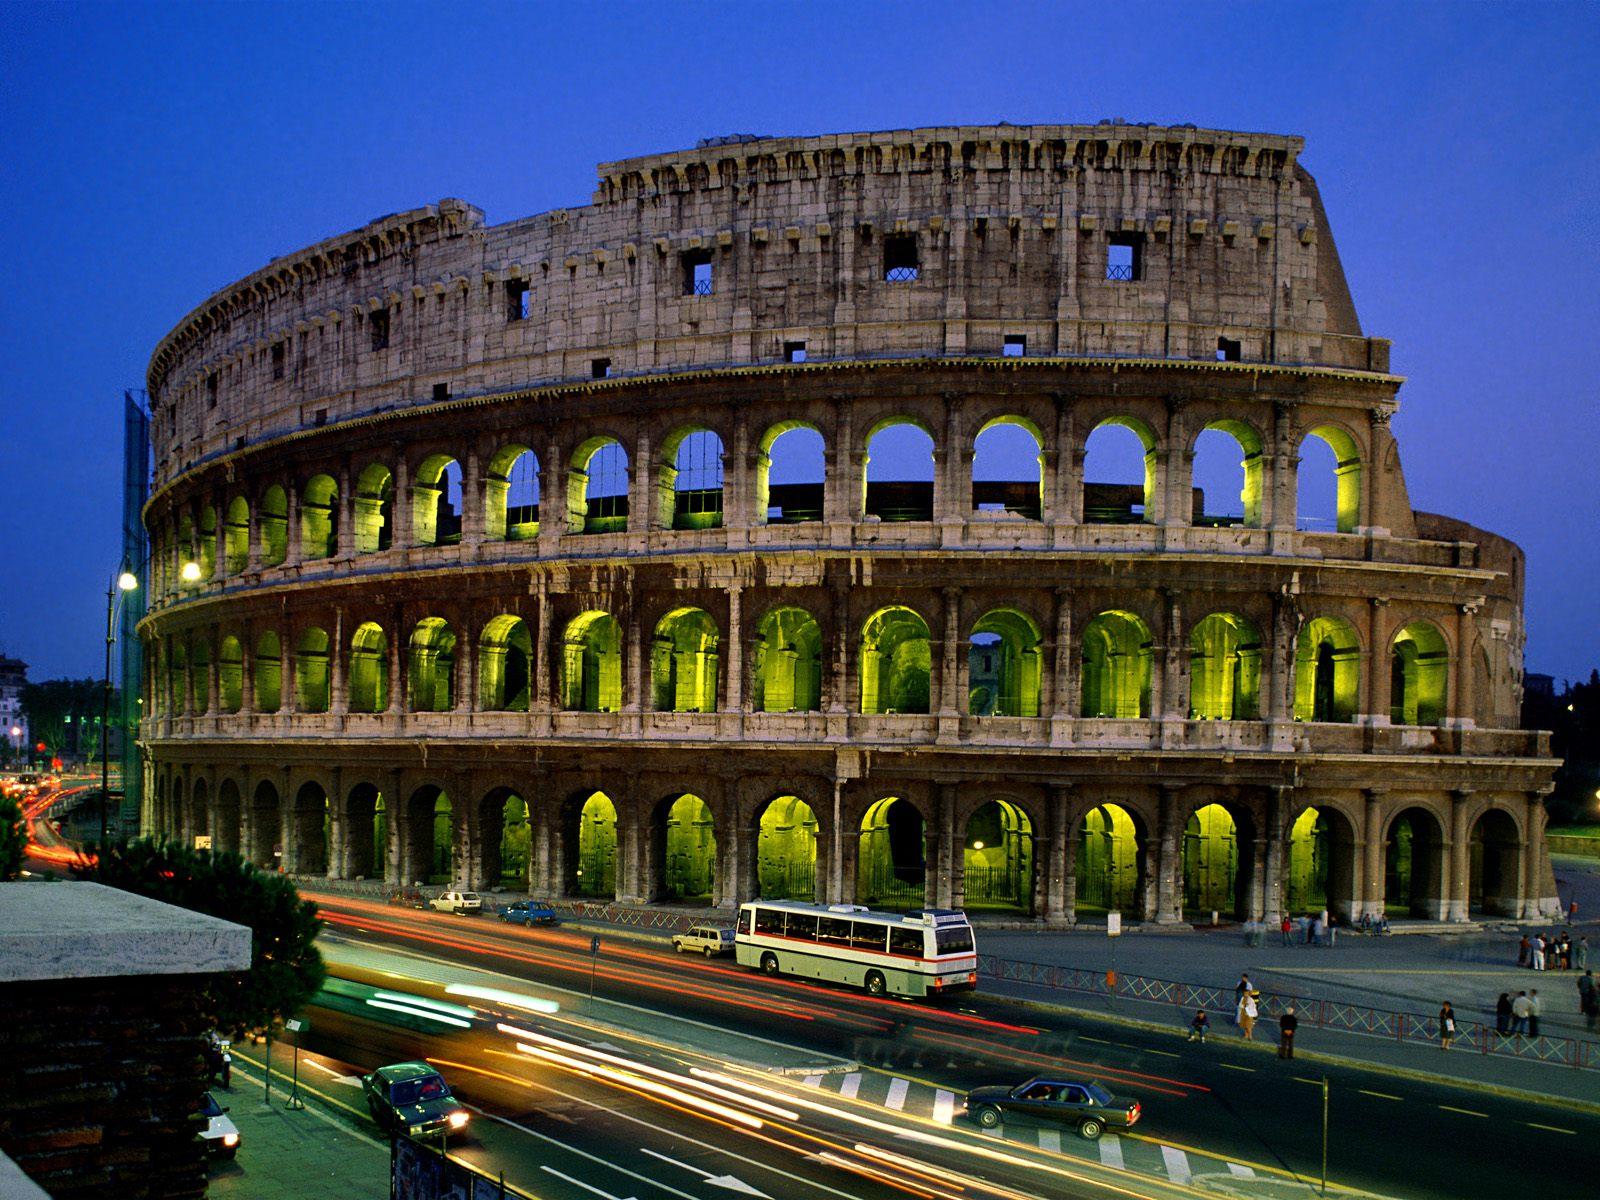 http://2.bp.blogspot.com/-2_a1HhERUME/UA1i5-sKtdI/AAAAAAAAATQ/rT1B_Q8V86I/s1600/Rome_Italy.jpg